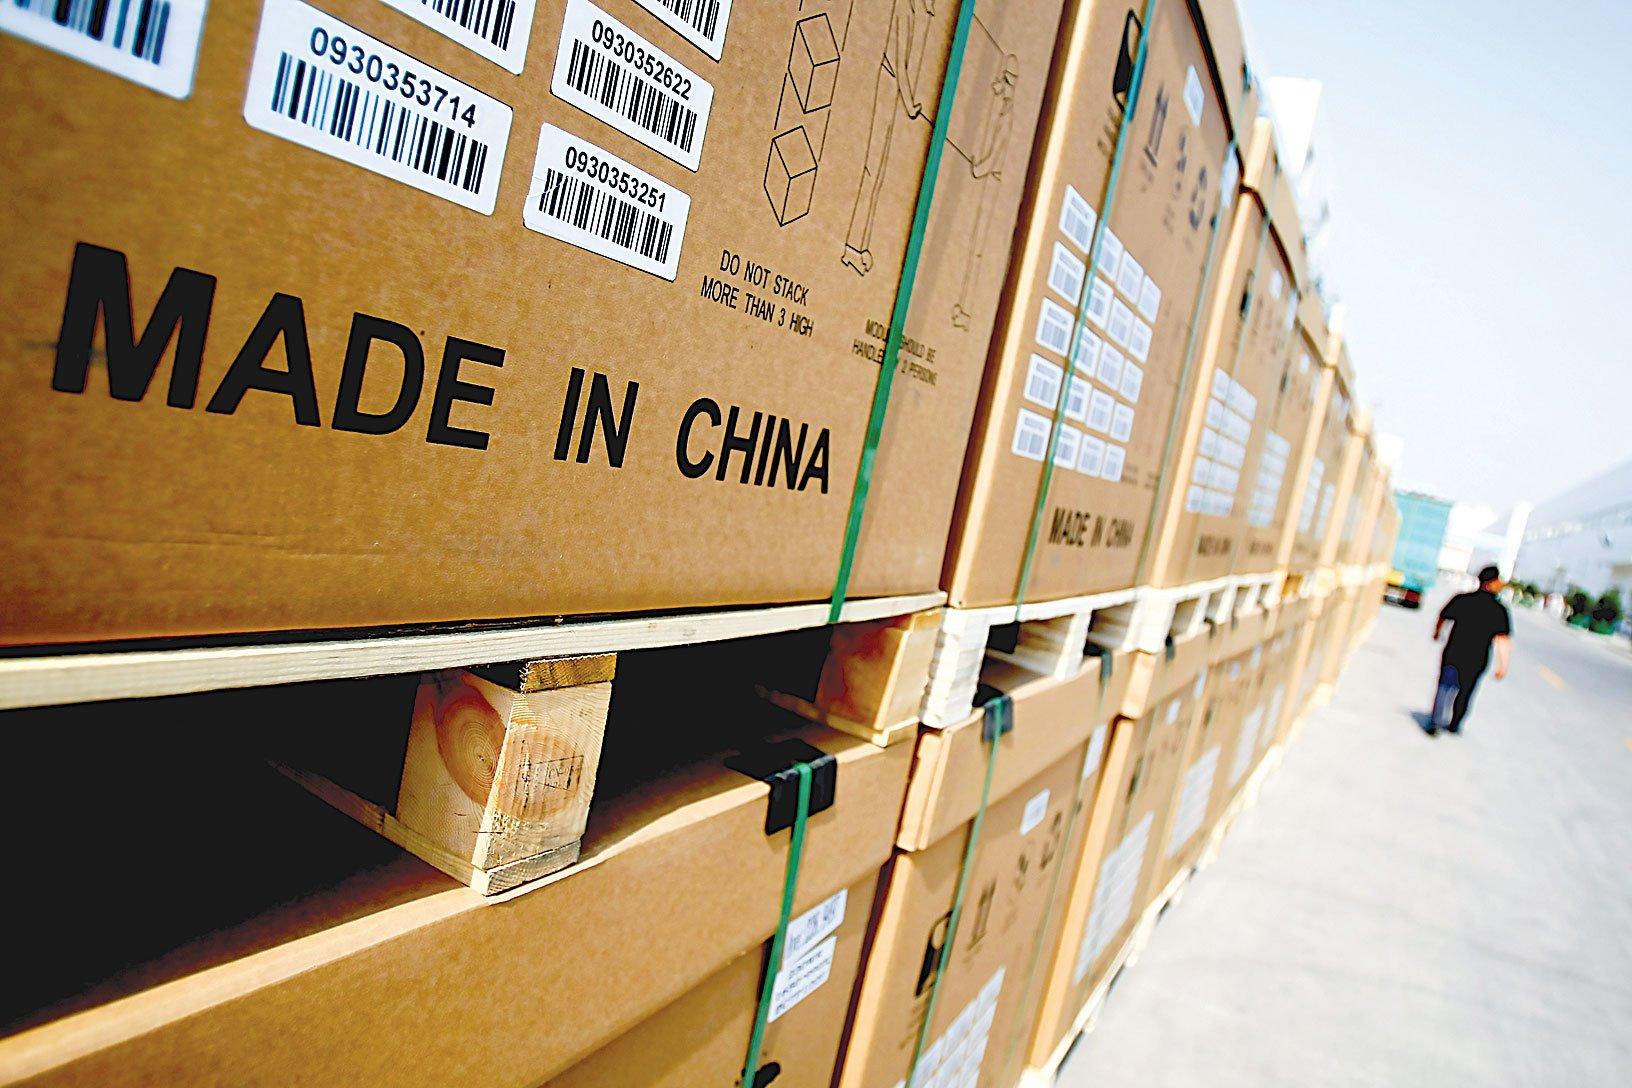 過去的20年間,「中國製造」以壓倒性的優勢充斥全球,這其中有相當程度的非市場因素。如今美國和其它發達國家一致認為:這種情況必須改變。(Feng Li/Getty Images)